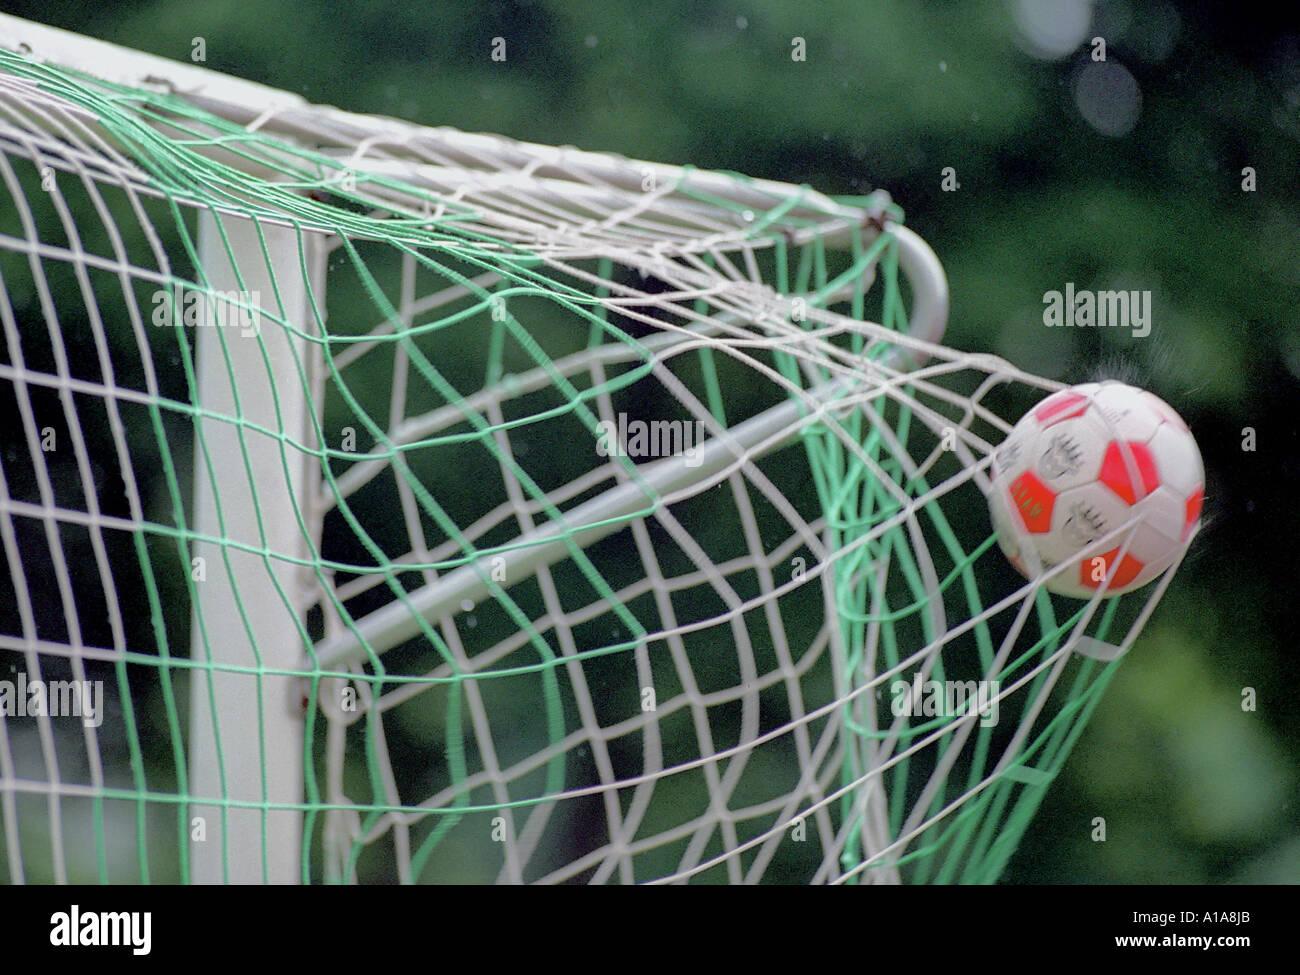 Ball In Football Goal Ball Im Fussballtor Stock Photo